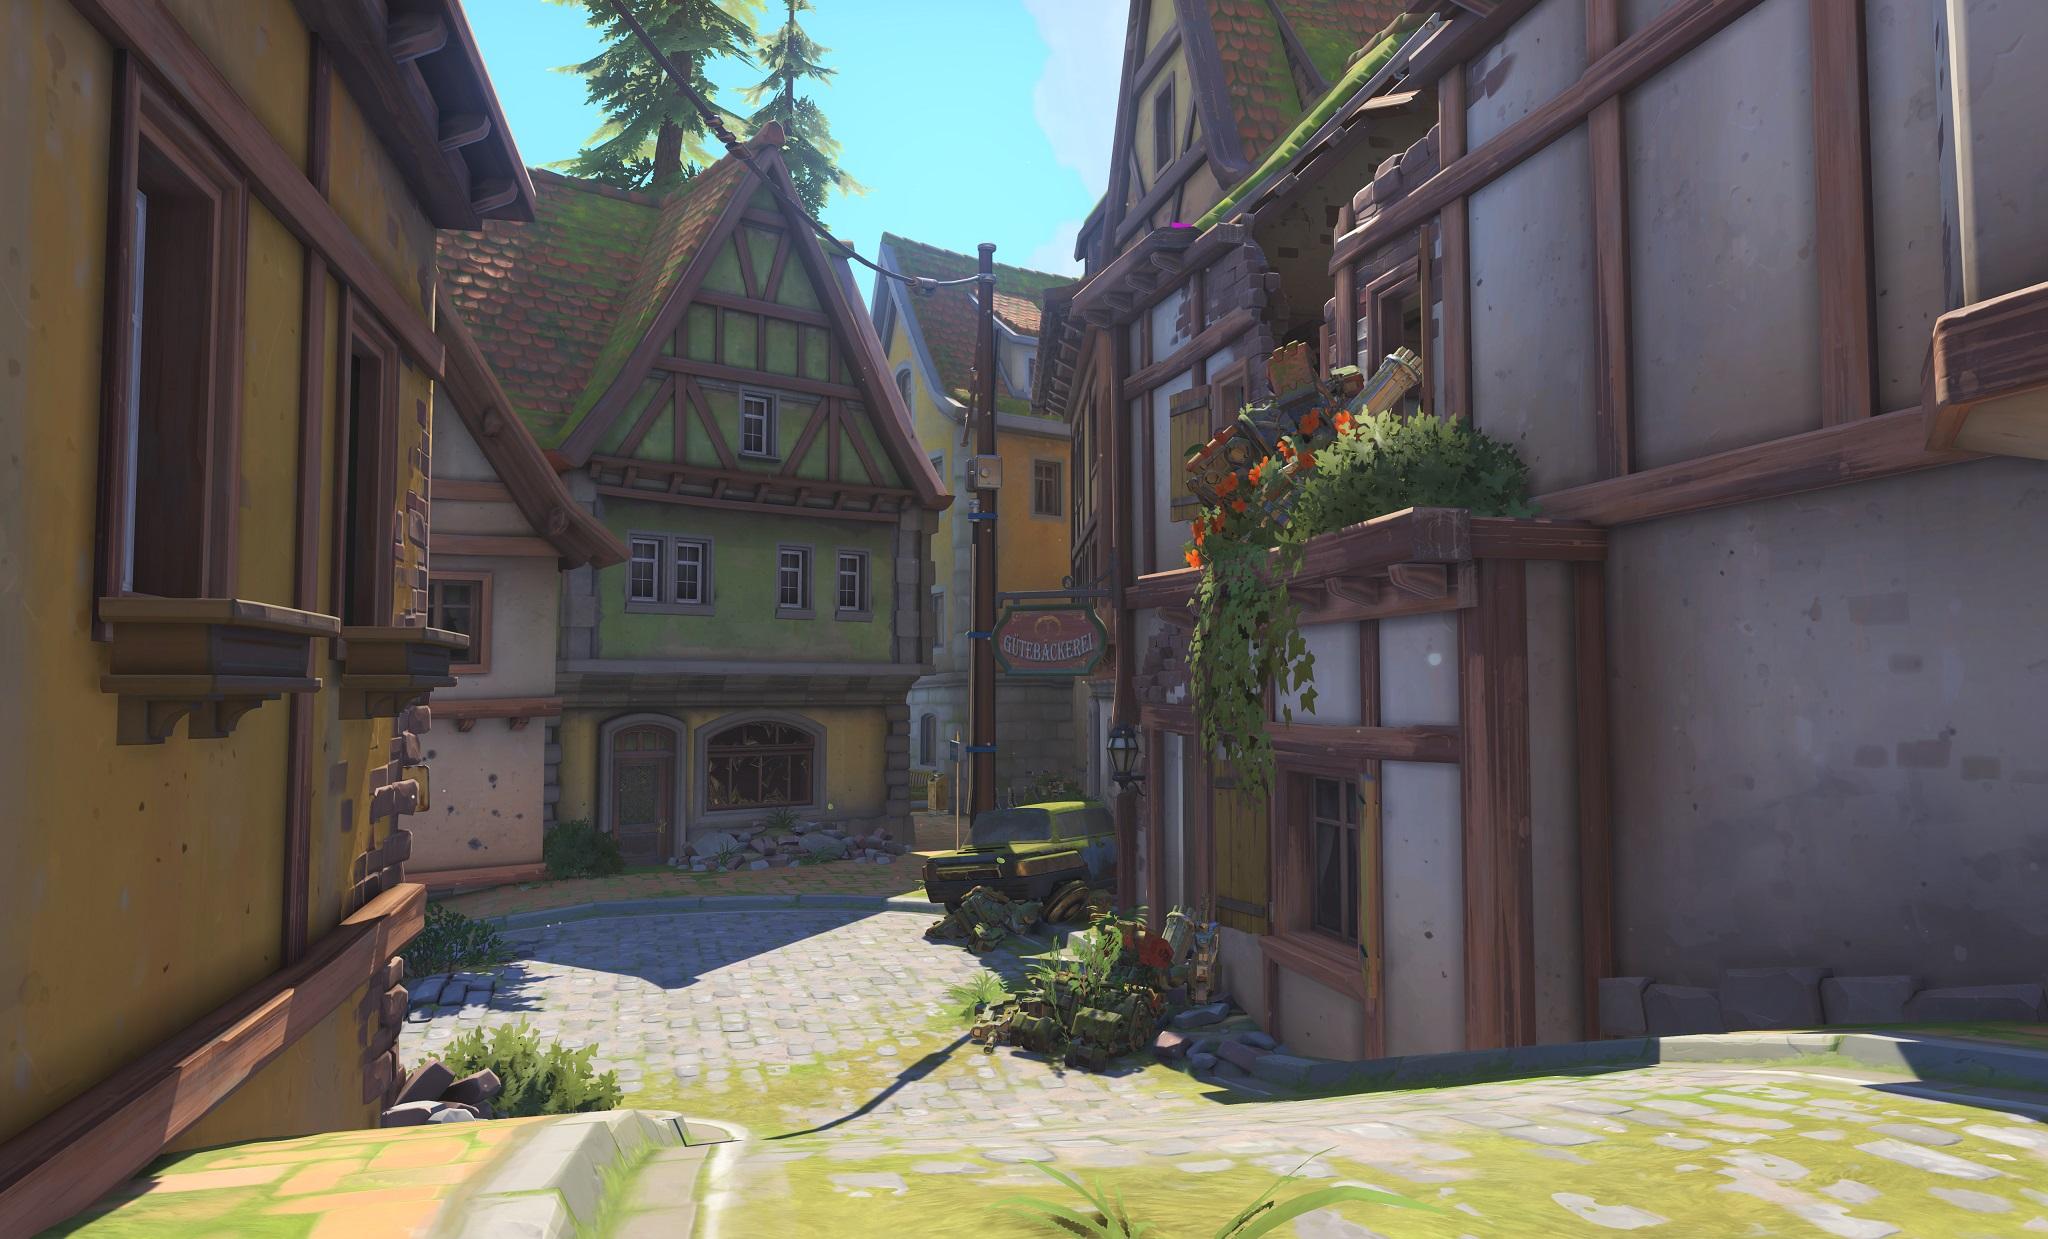 Nová mapa pro Overwatch nás zavede do hradu a přilehlého městečka v Německu 128664